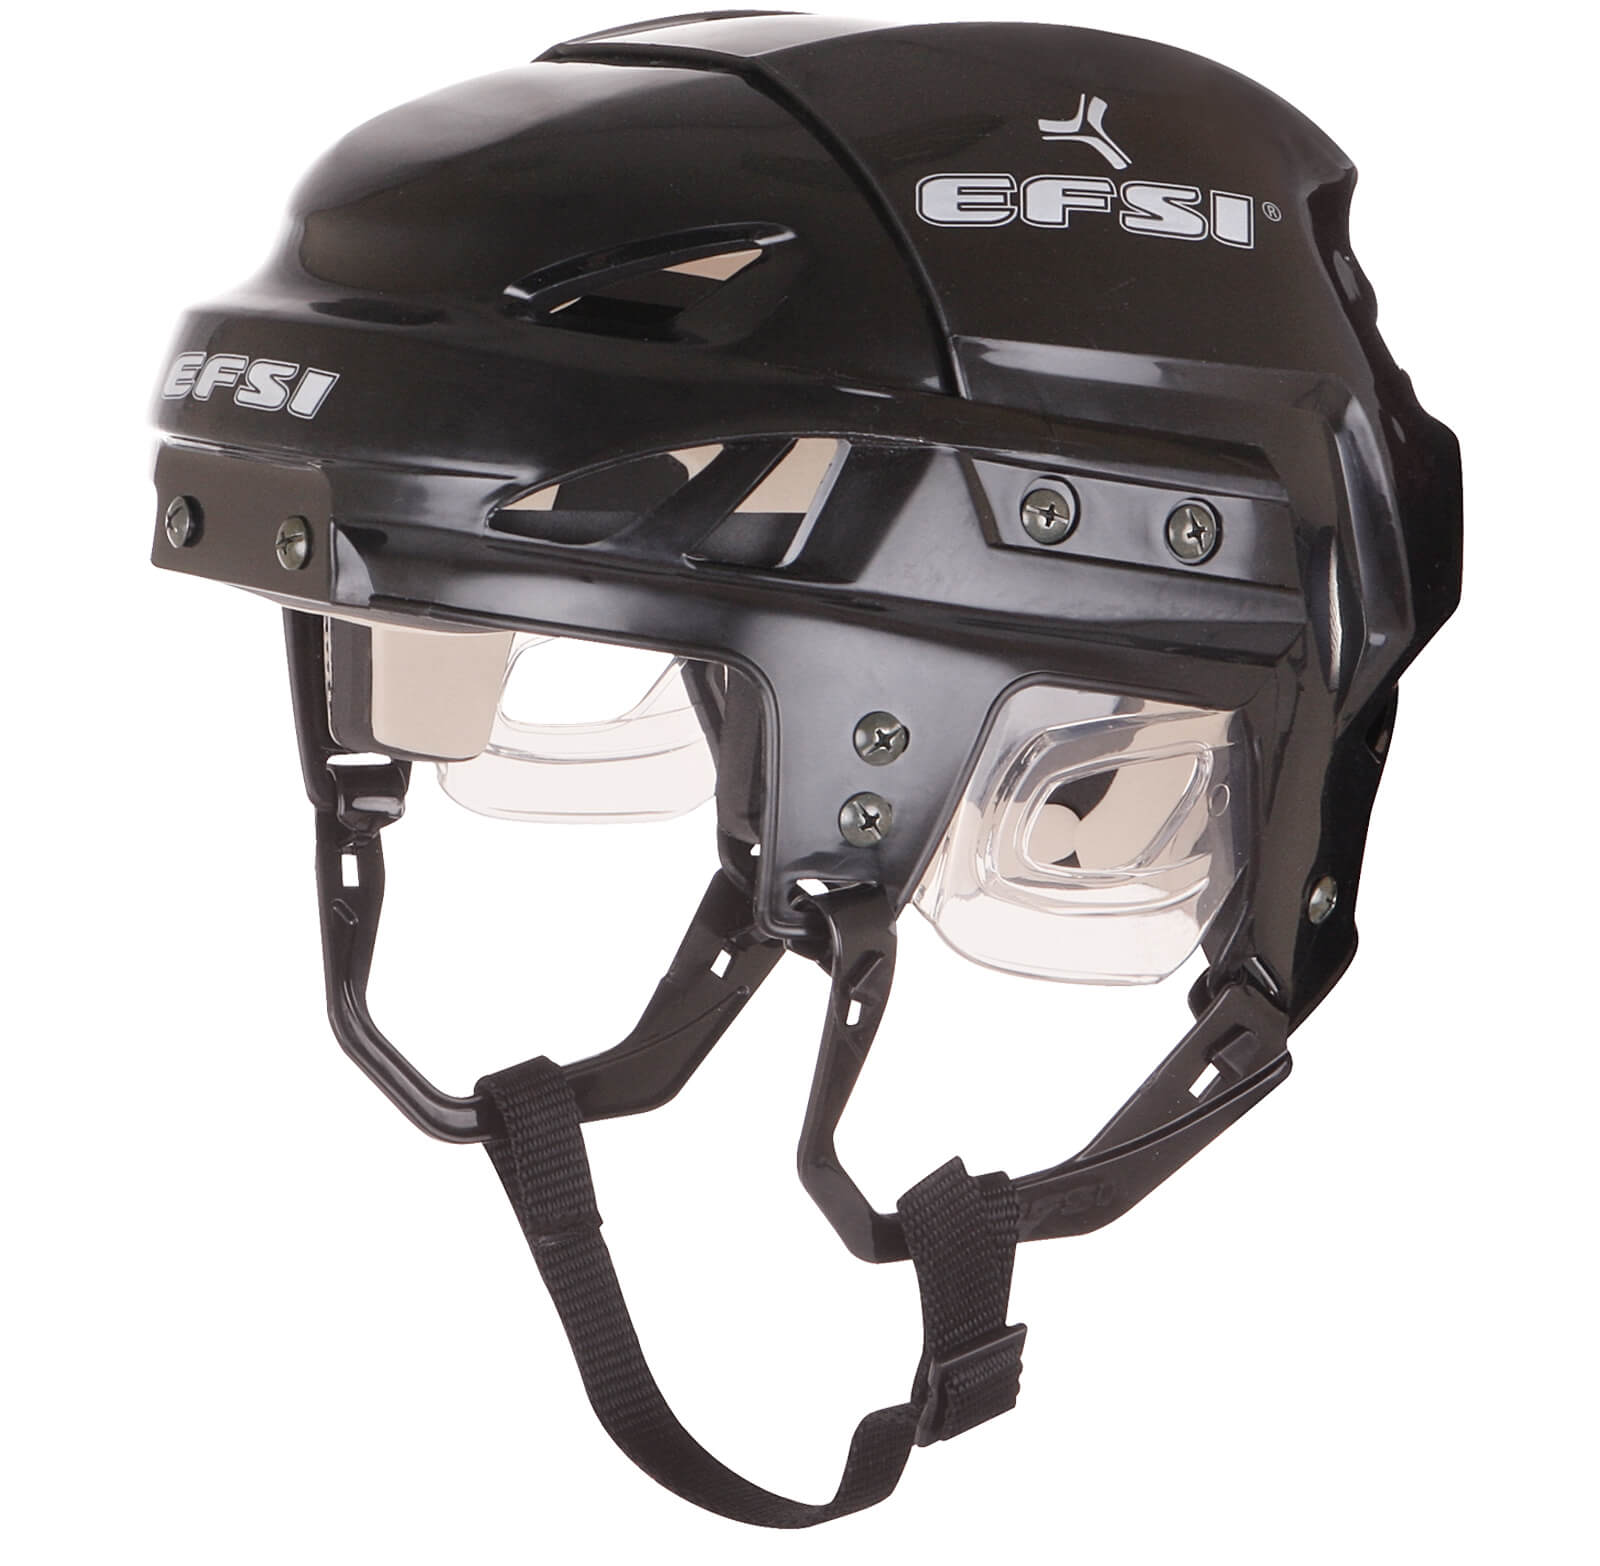 Хоккейный шлем игрока EFSI NRG 550